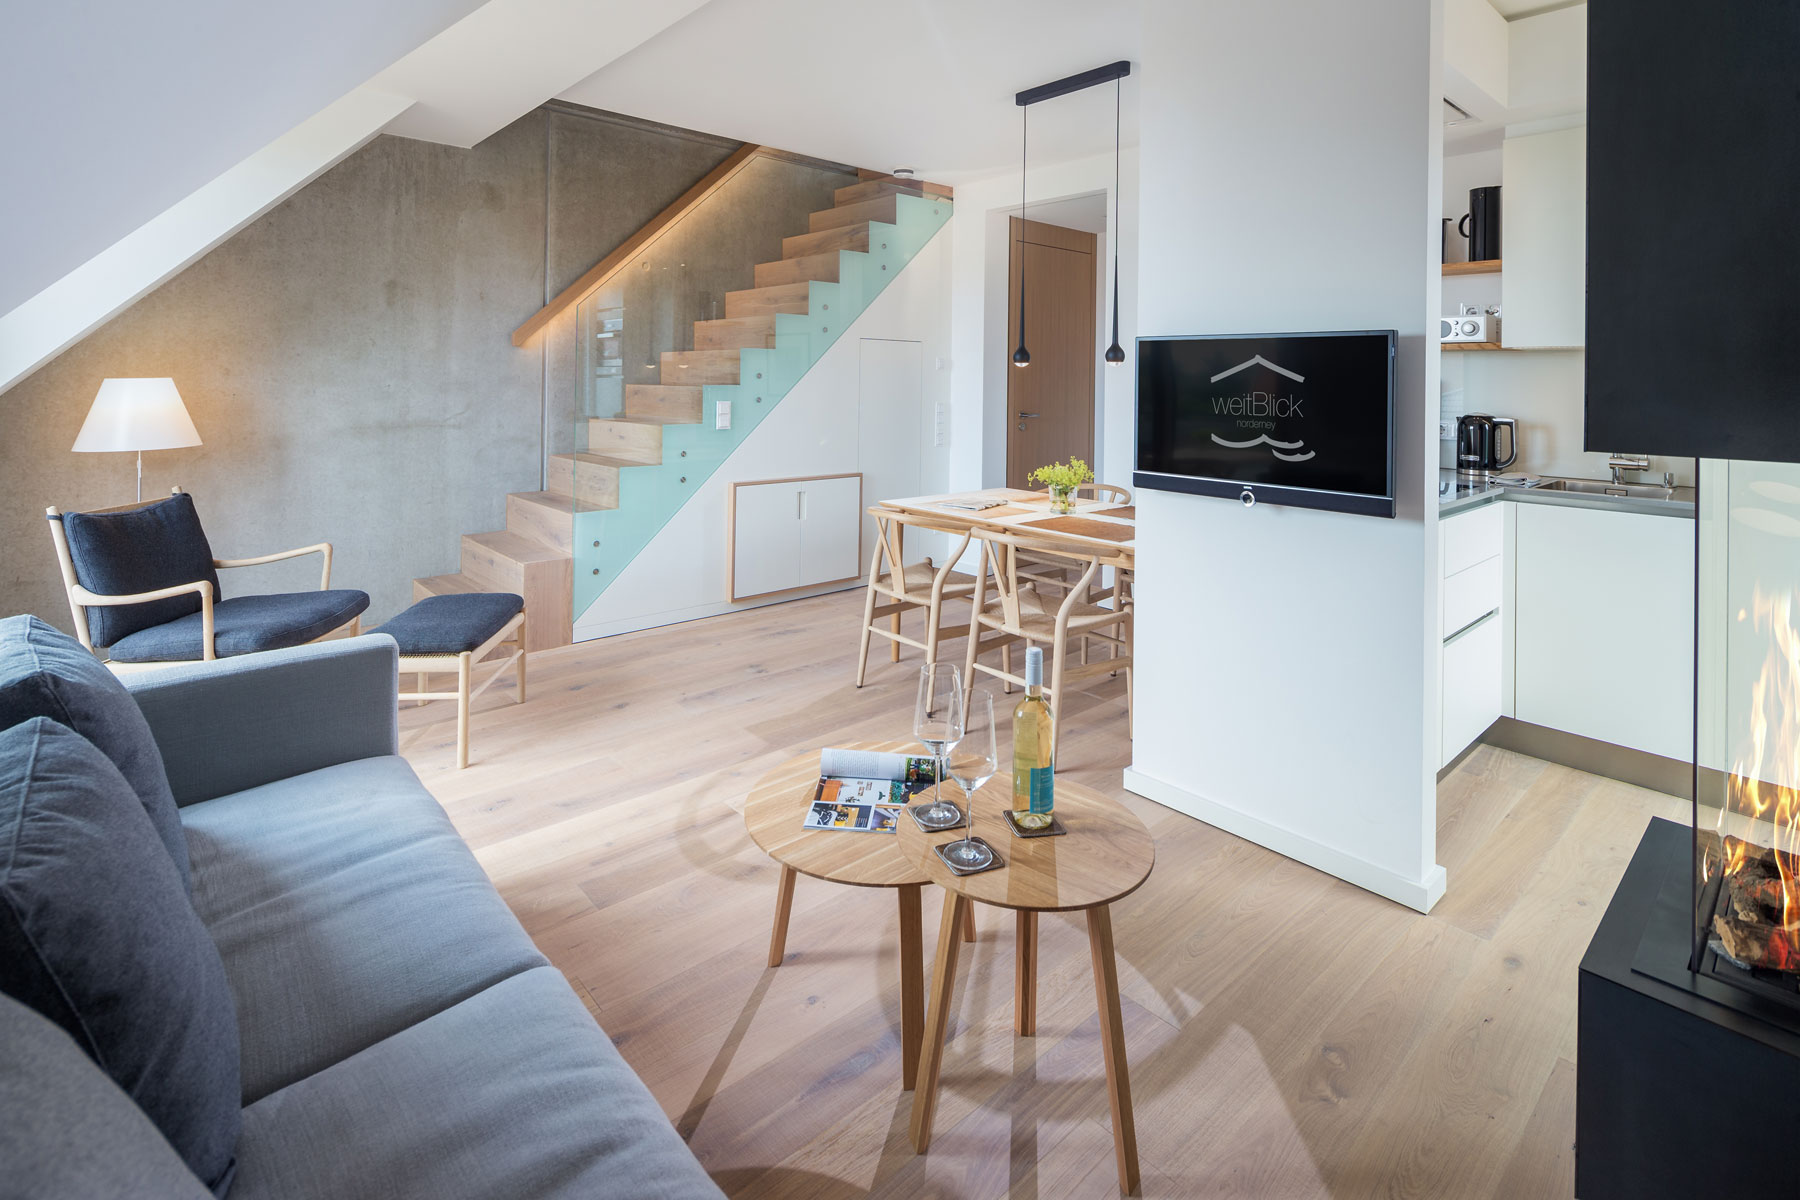 ferienwohnung norderney 2 dr sedau. Black Bedroom Furniture Sets. Home Design Ideas